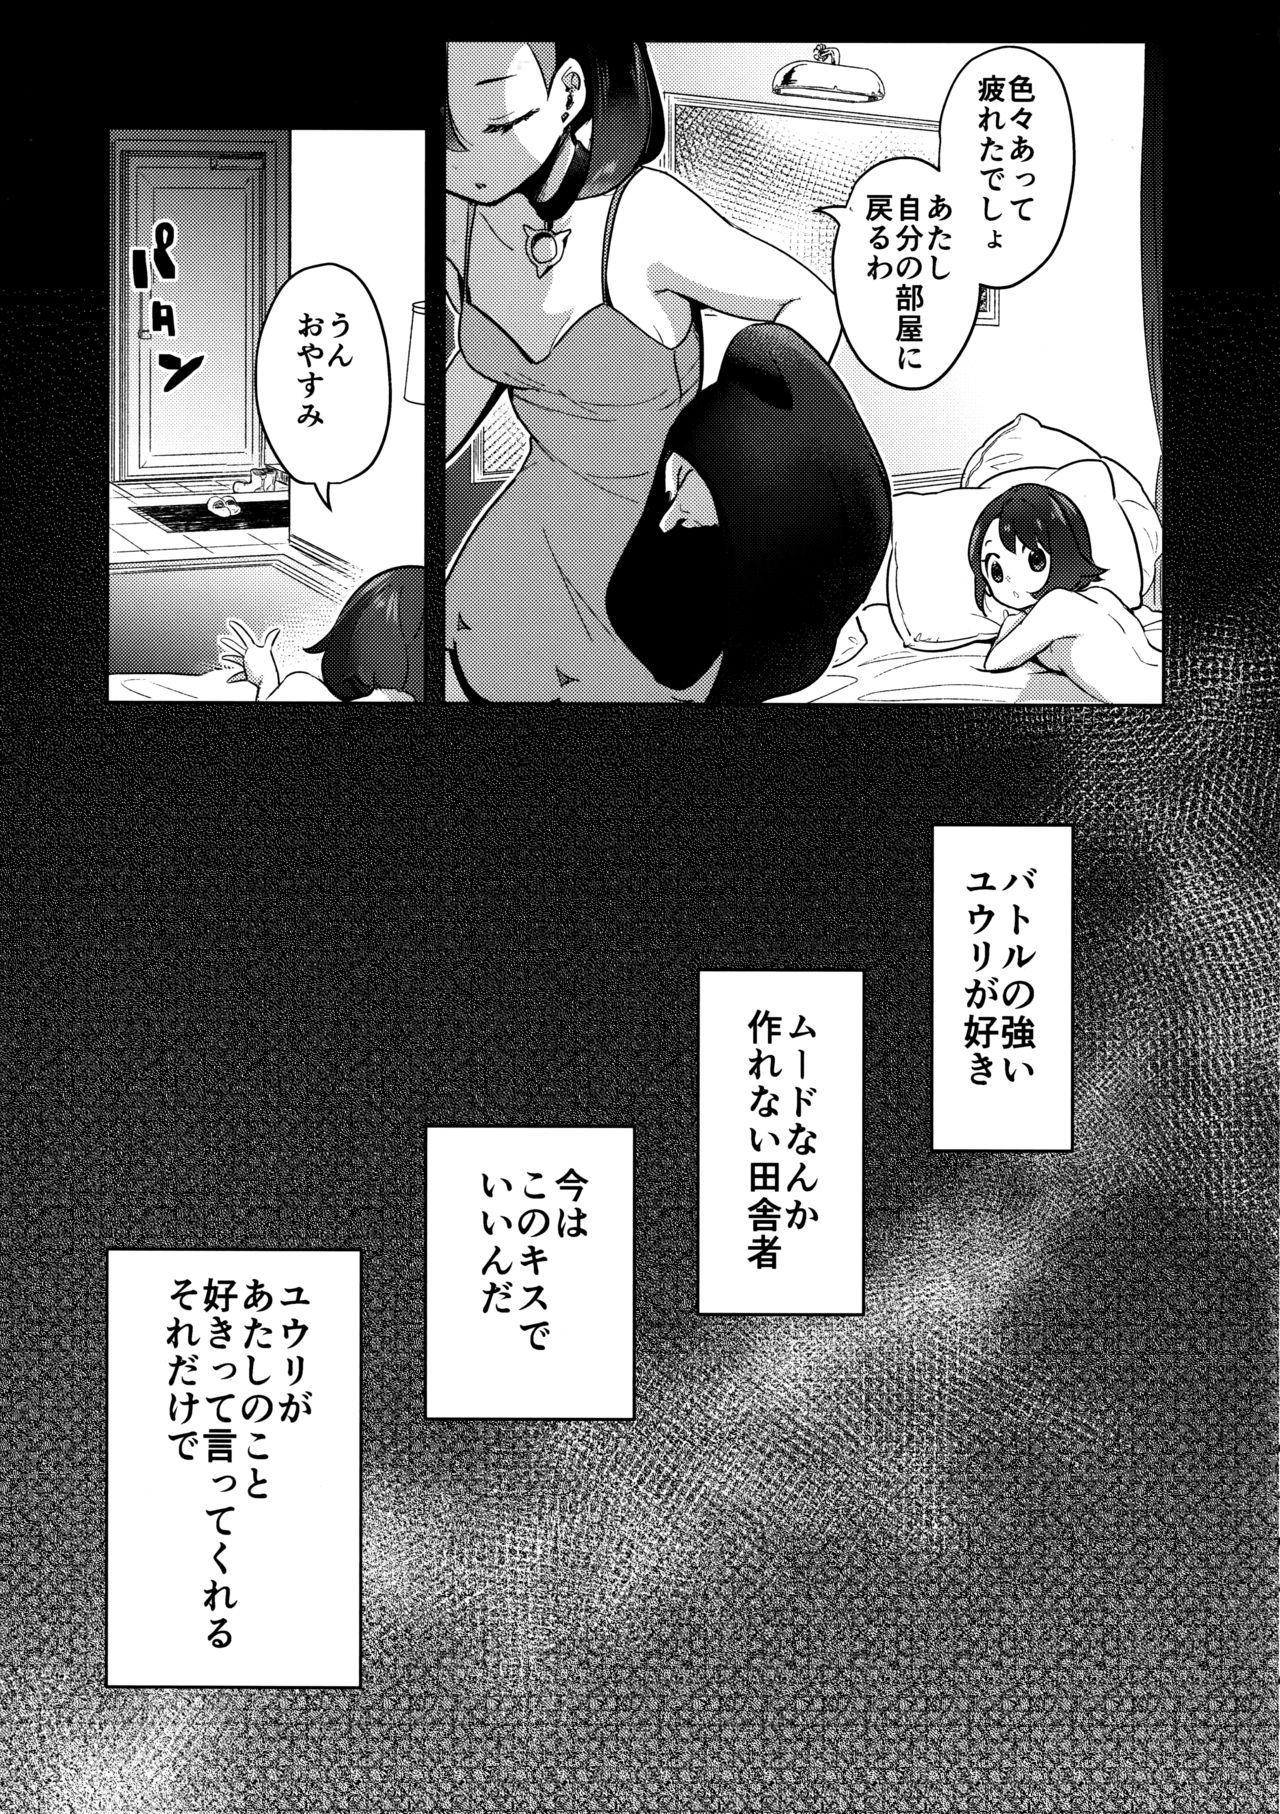 Marnie wa Yuuri kara Amai Ringo o Futatsu Moraimashita. 7